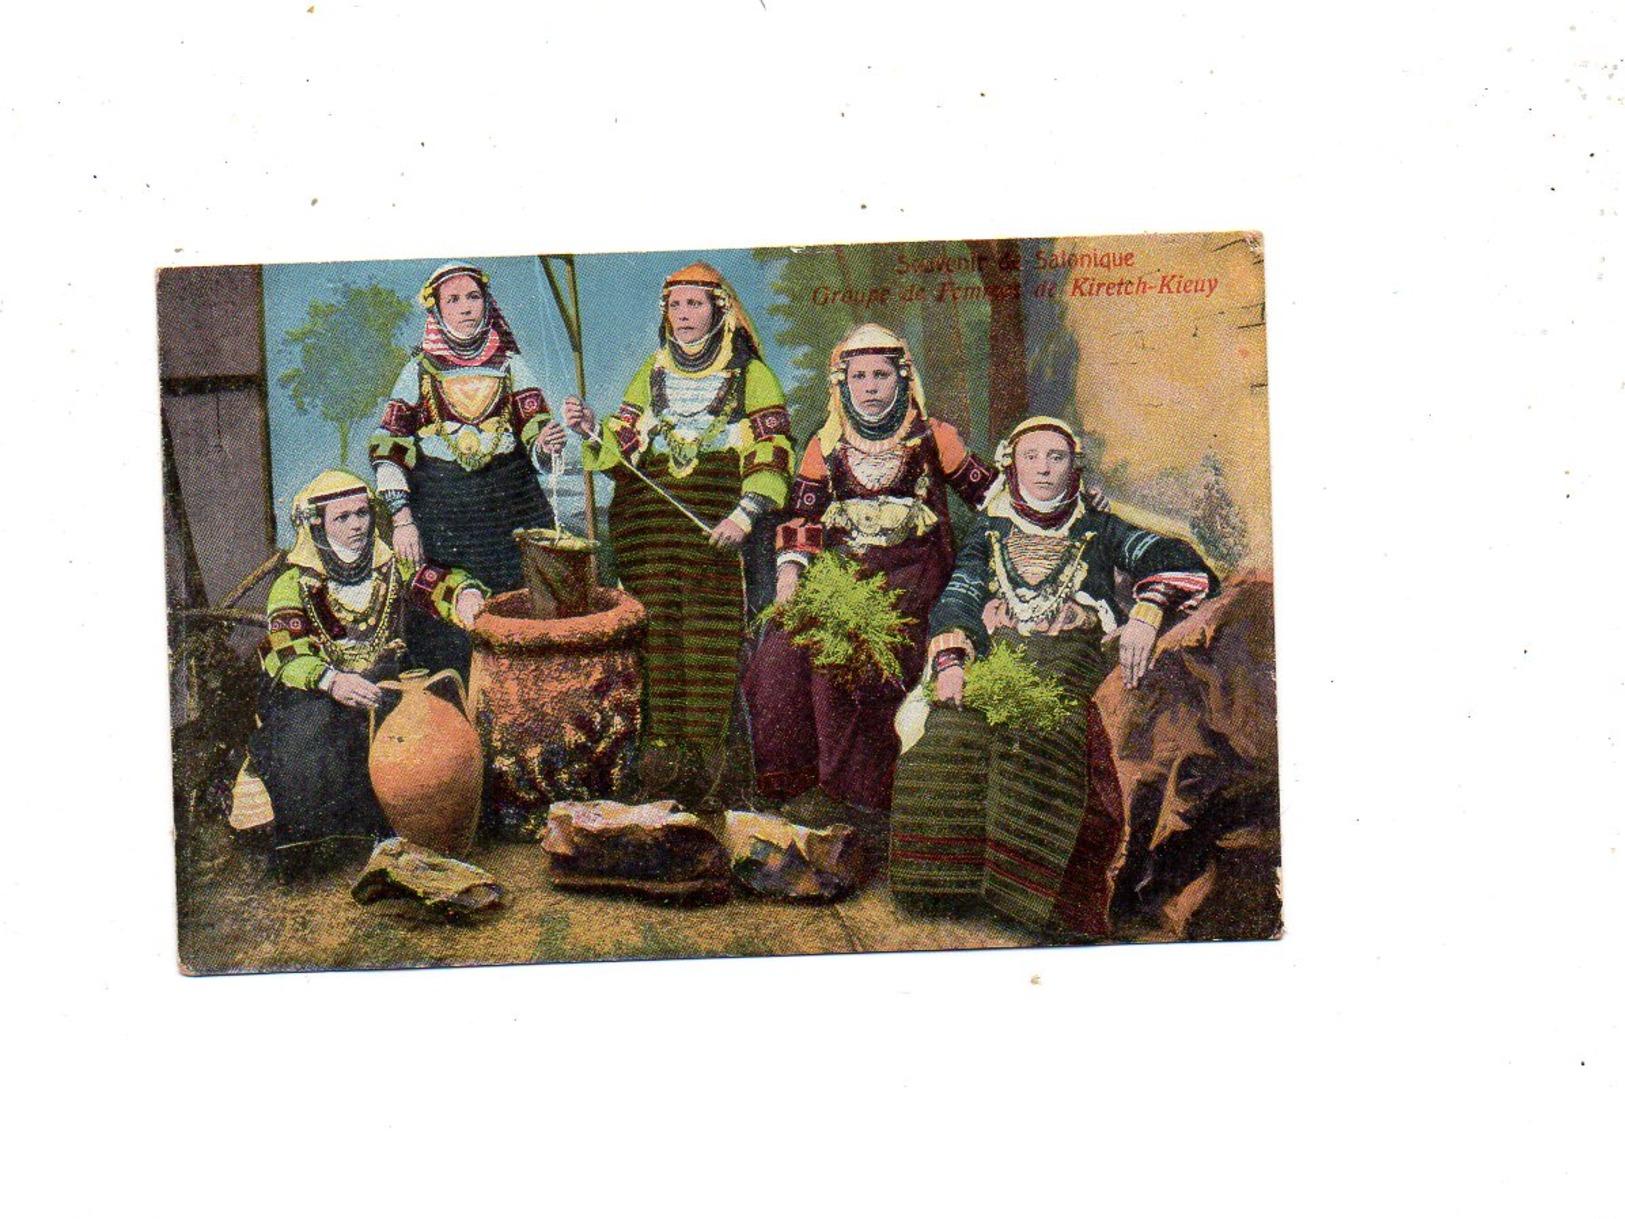 1 CPA SOUVENIR DE SALONIQUE - GROUPE DE FEMMES DE KIRETCH-KIEUY - Greece